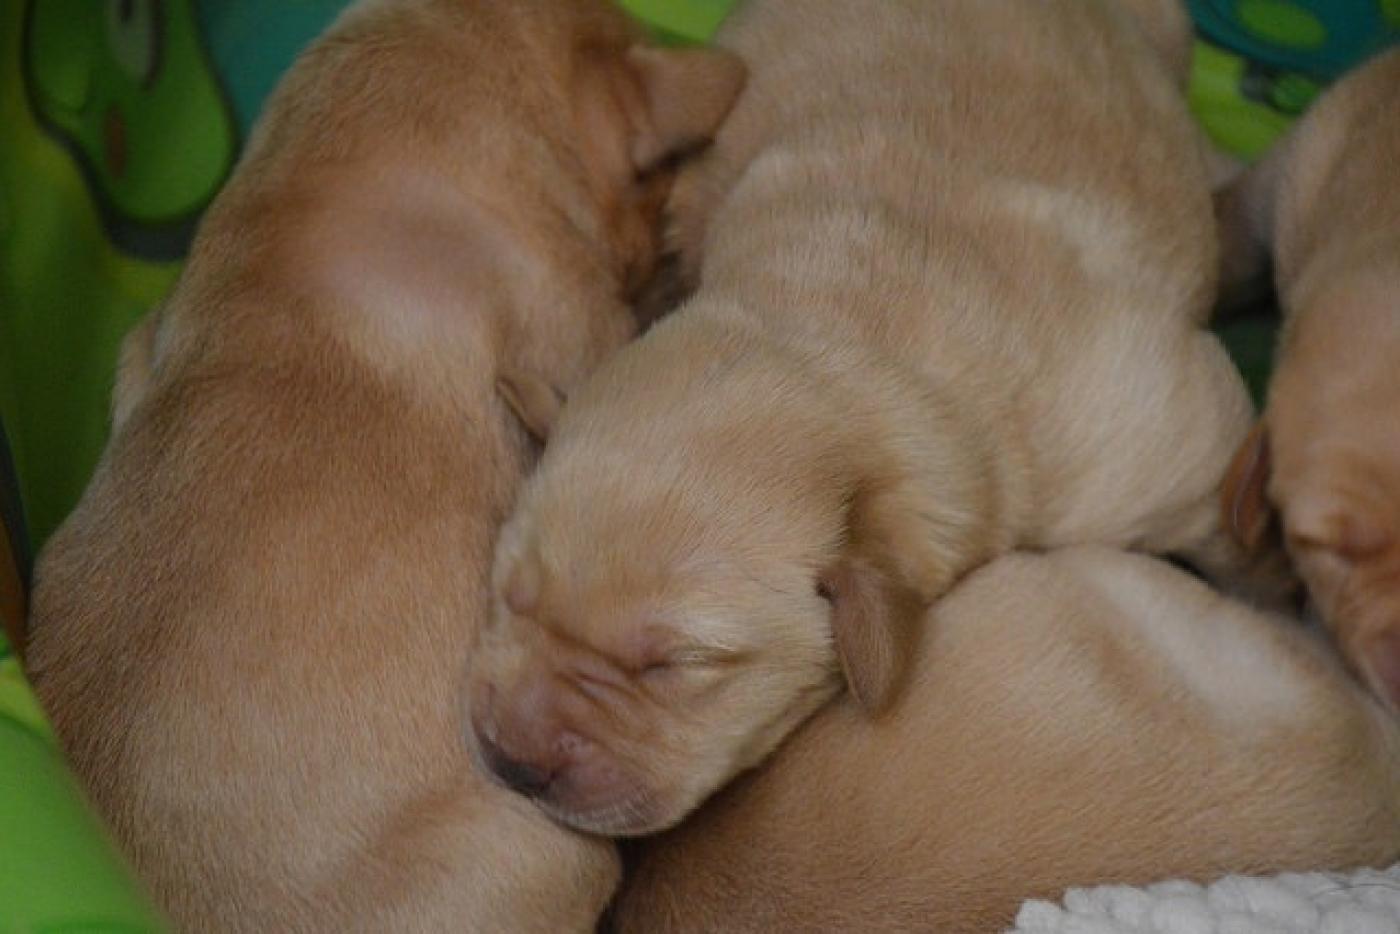 A pile of sleeping baby yellow Labrador Retriever puppies.